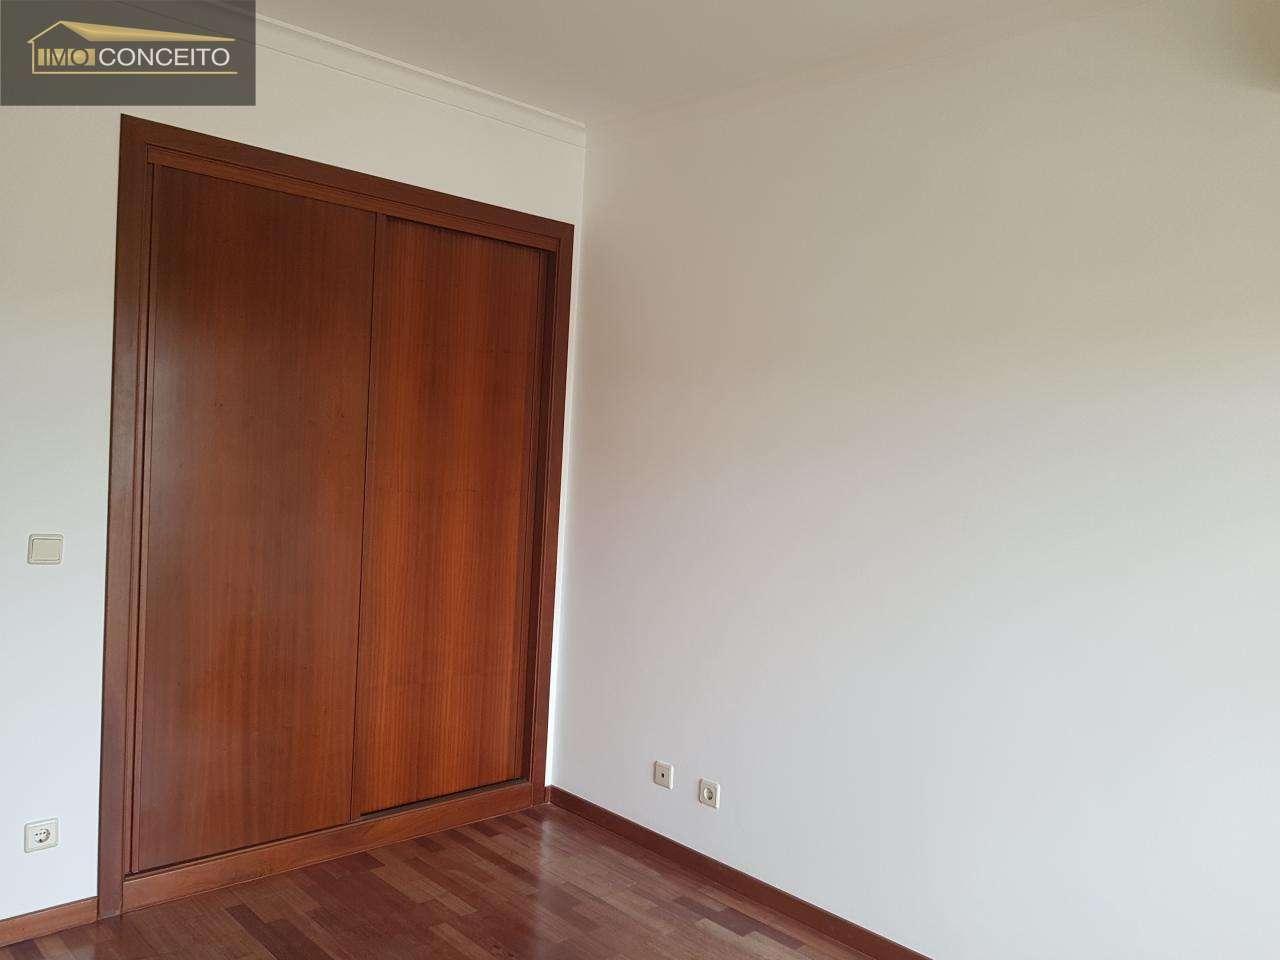 Apartamento para comprar, Nossa Senhora de Fátima, Entroncamento, Santarém - Foto 8